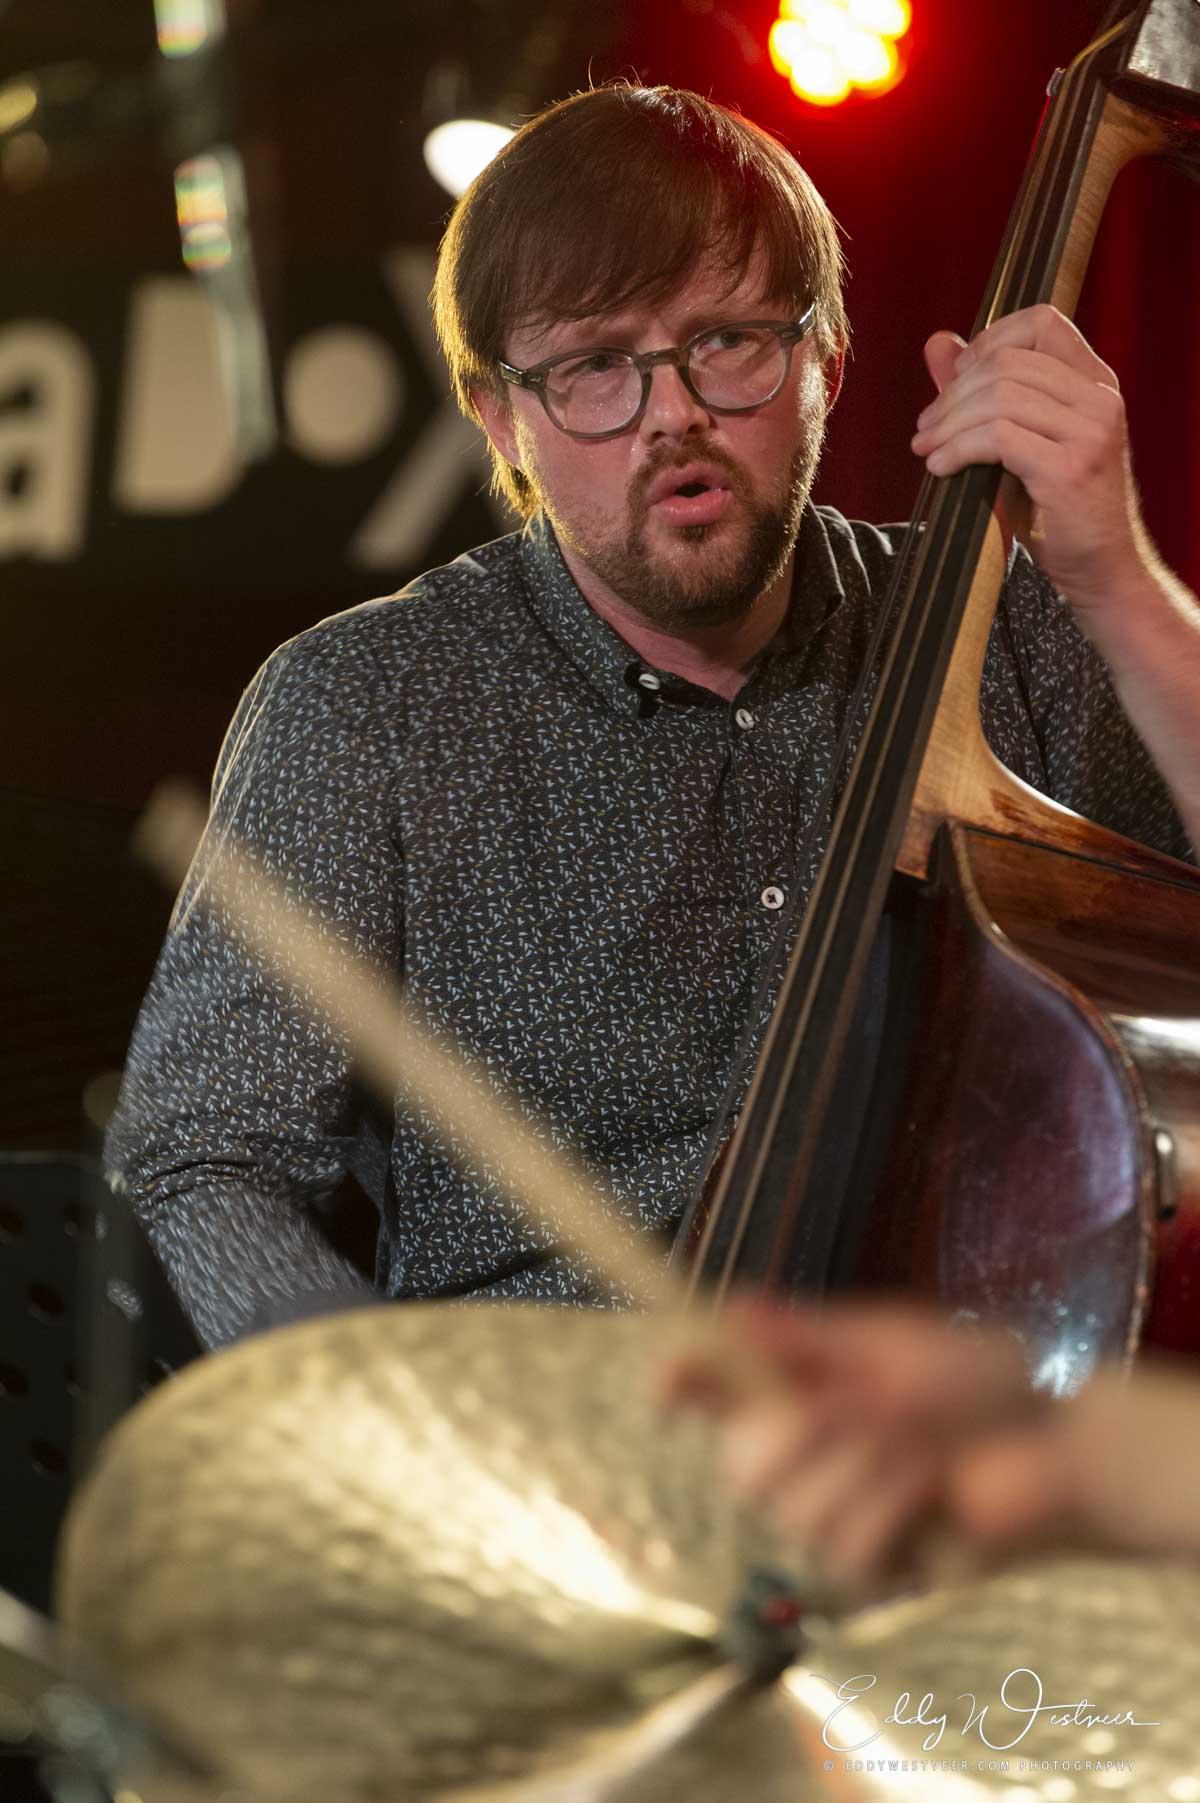 Ole Morten Vågan